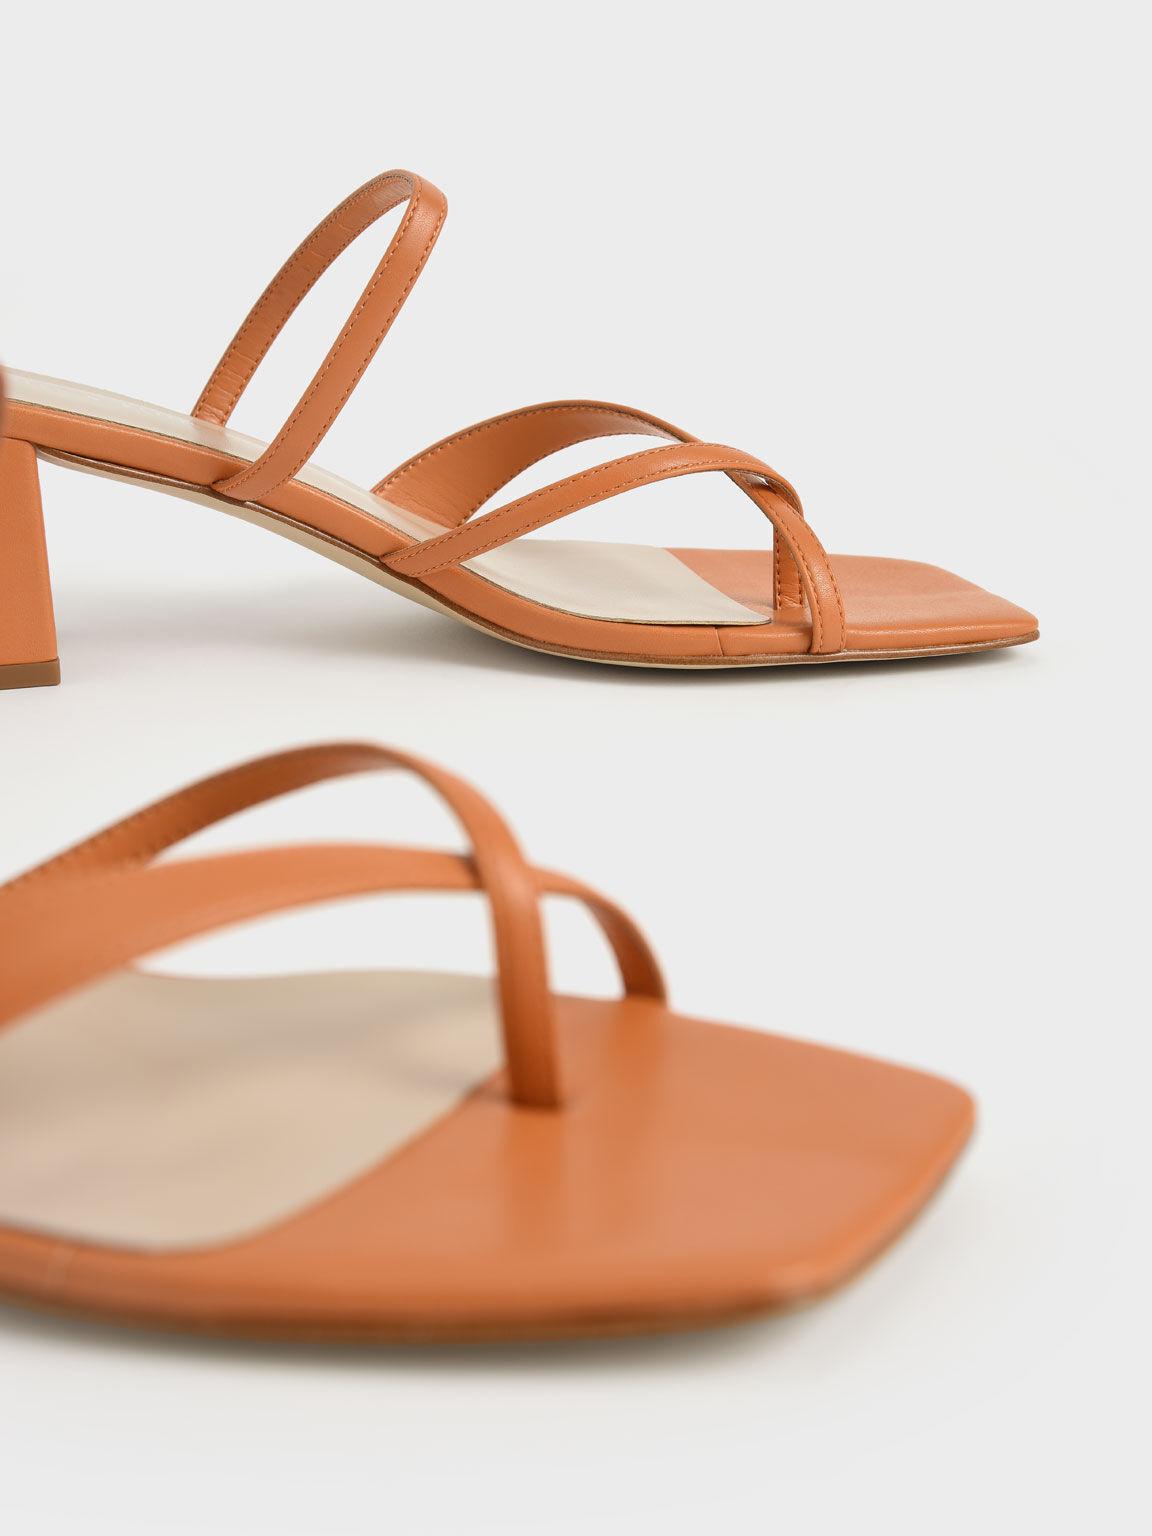 交叉帶夾腳涼鞋, 橘色, hi-res